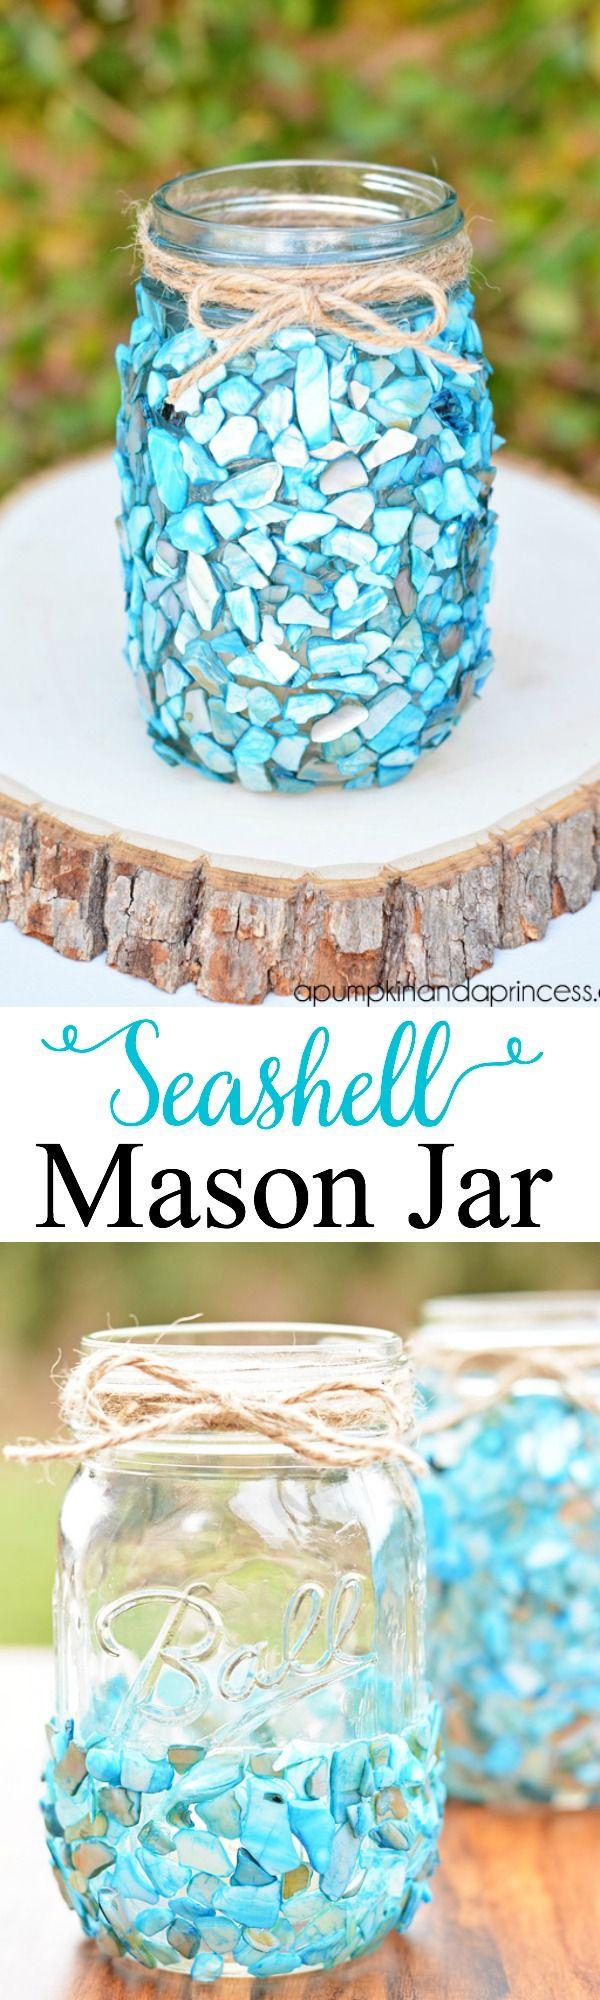 DIY Broken Seashells Mason Jar | Check Out This Cool and Cheap DIY Mason Jar Decoration Ideas